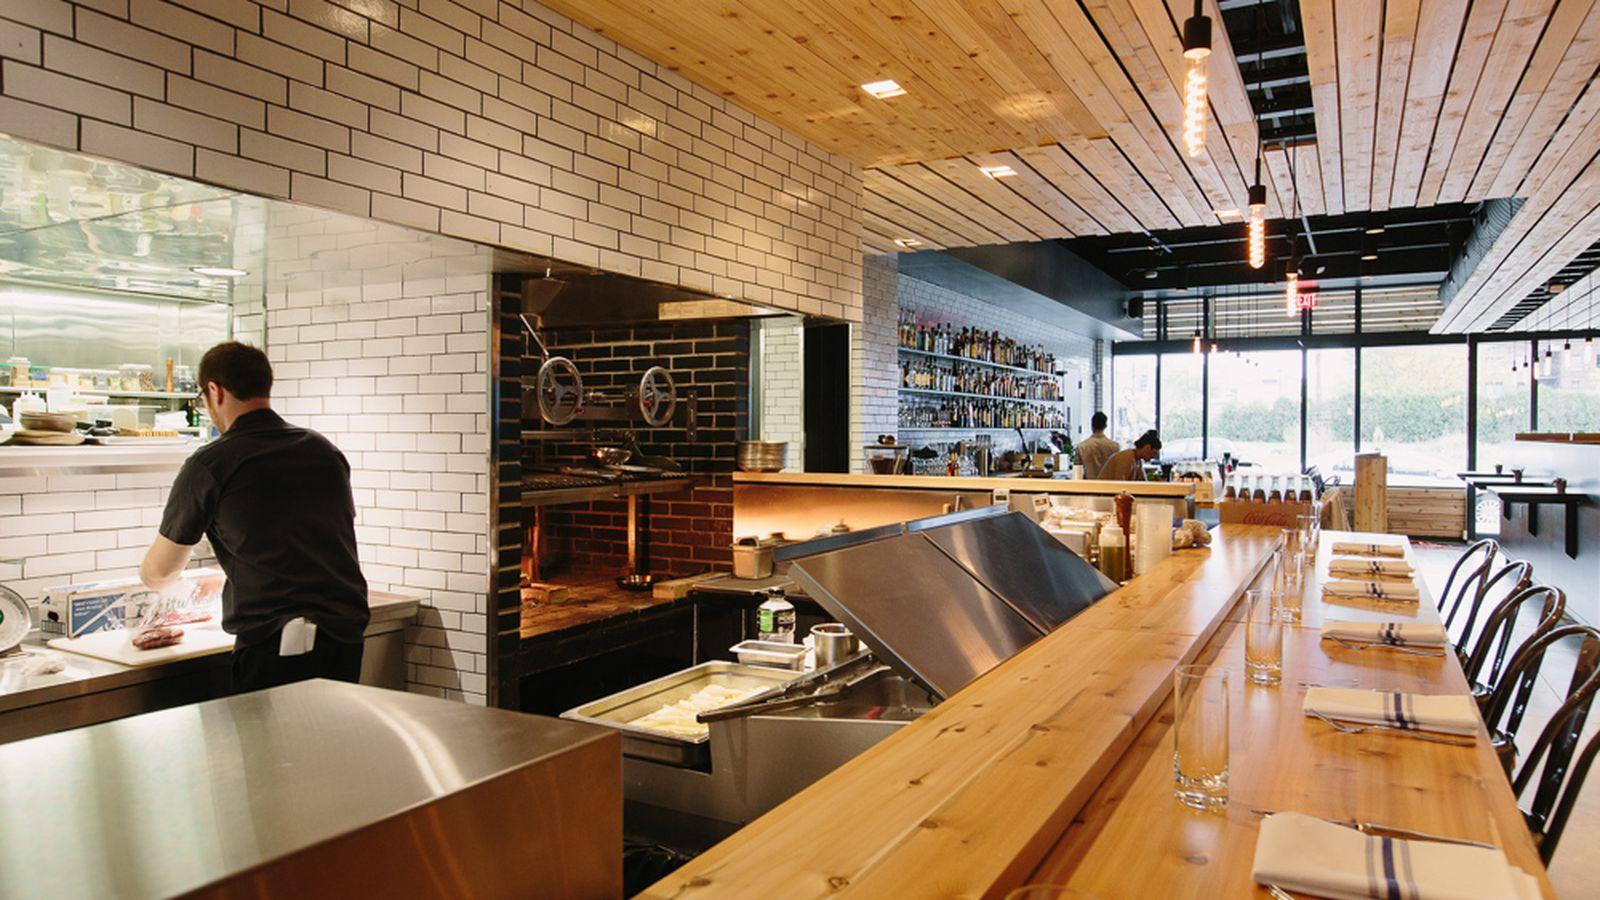 Selden standard named detroit free press restaurant of the for Table 52 chicago restaurant